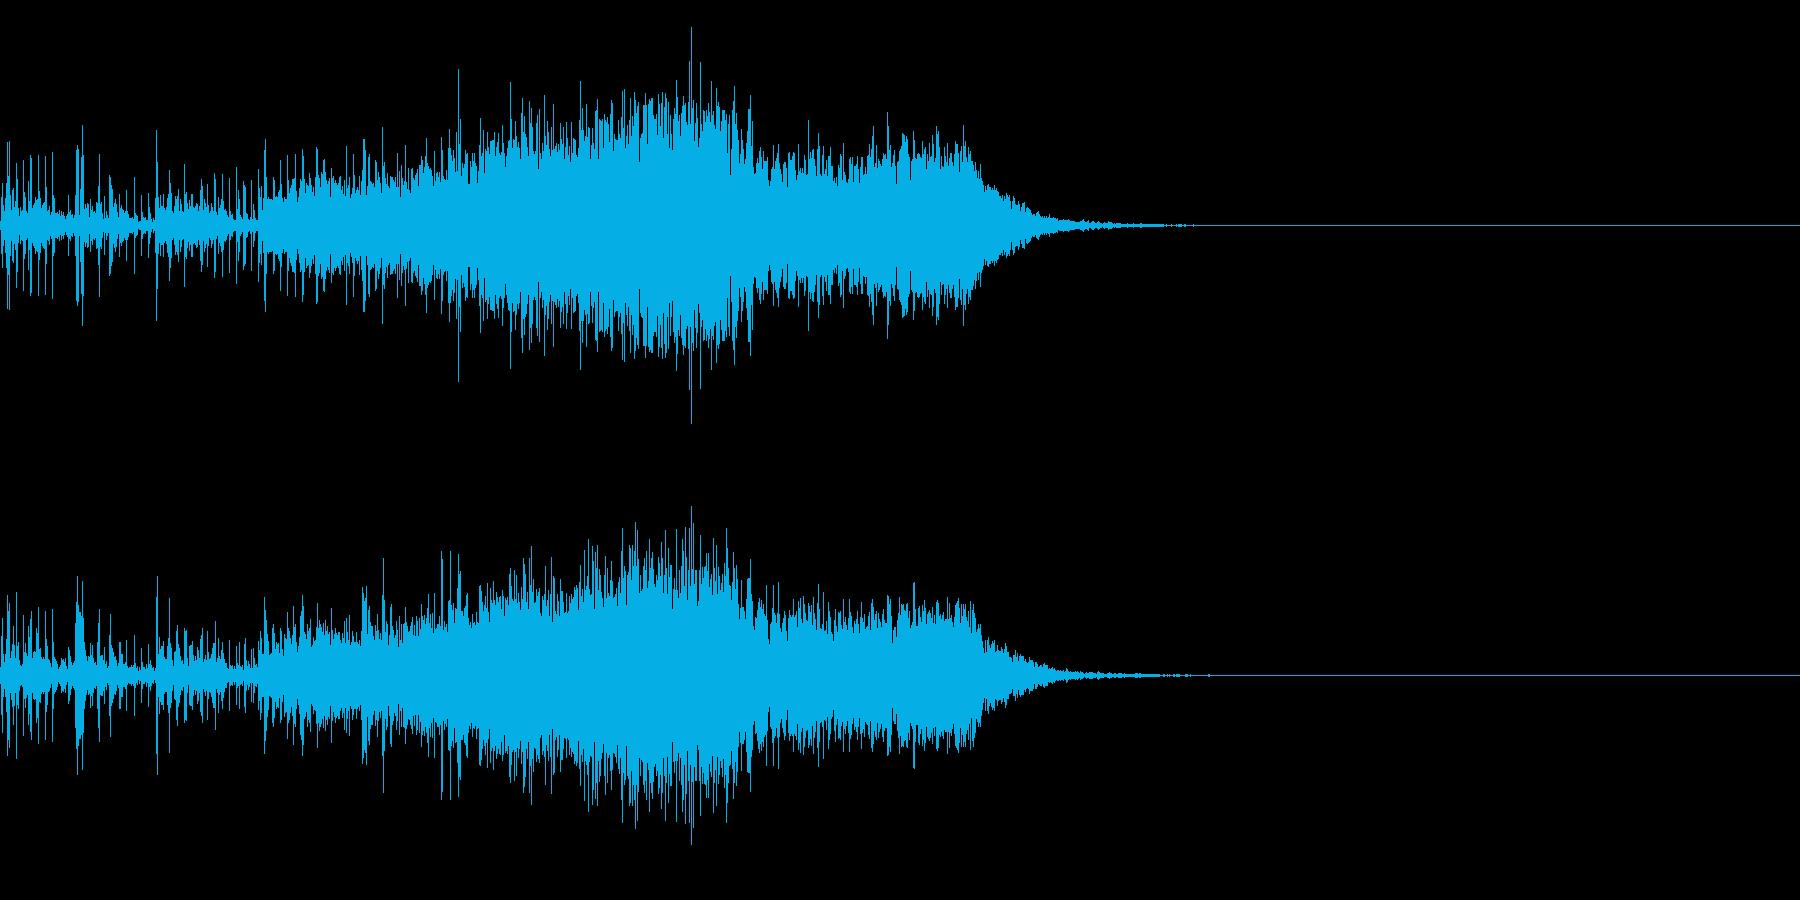 スパーク音-31の再生済みの波形